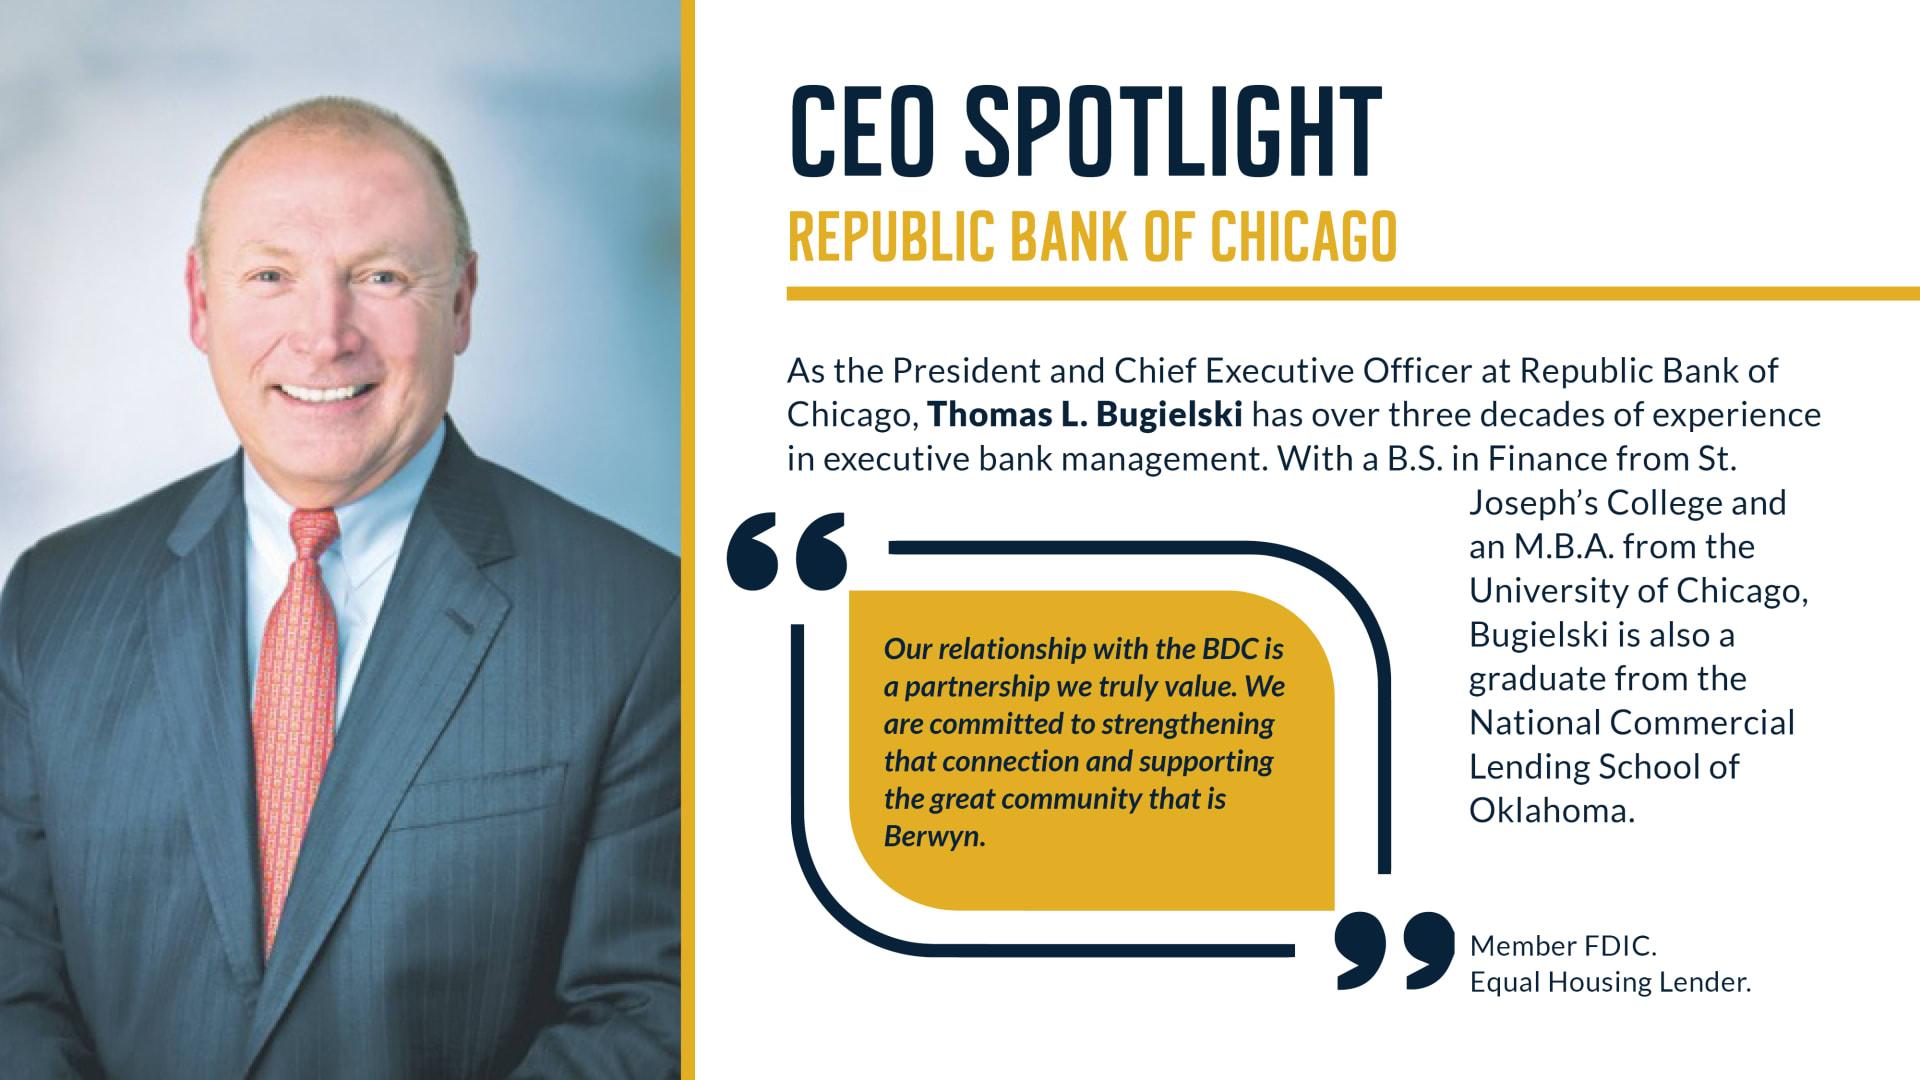 CEO-Spotlights-4-w1920.jpg